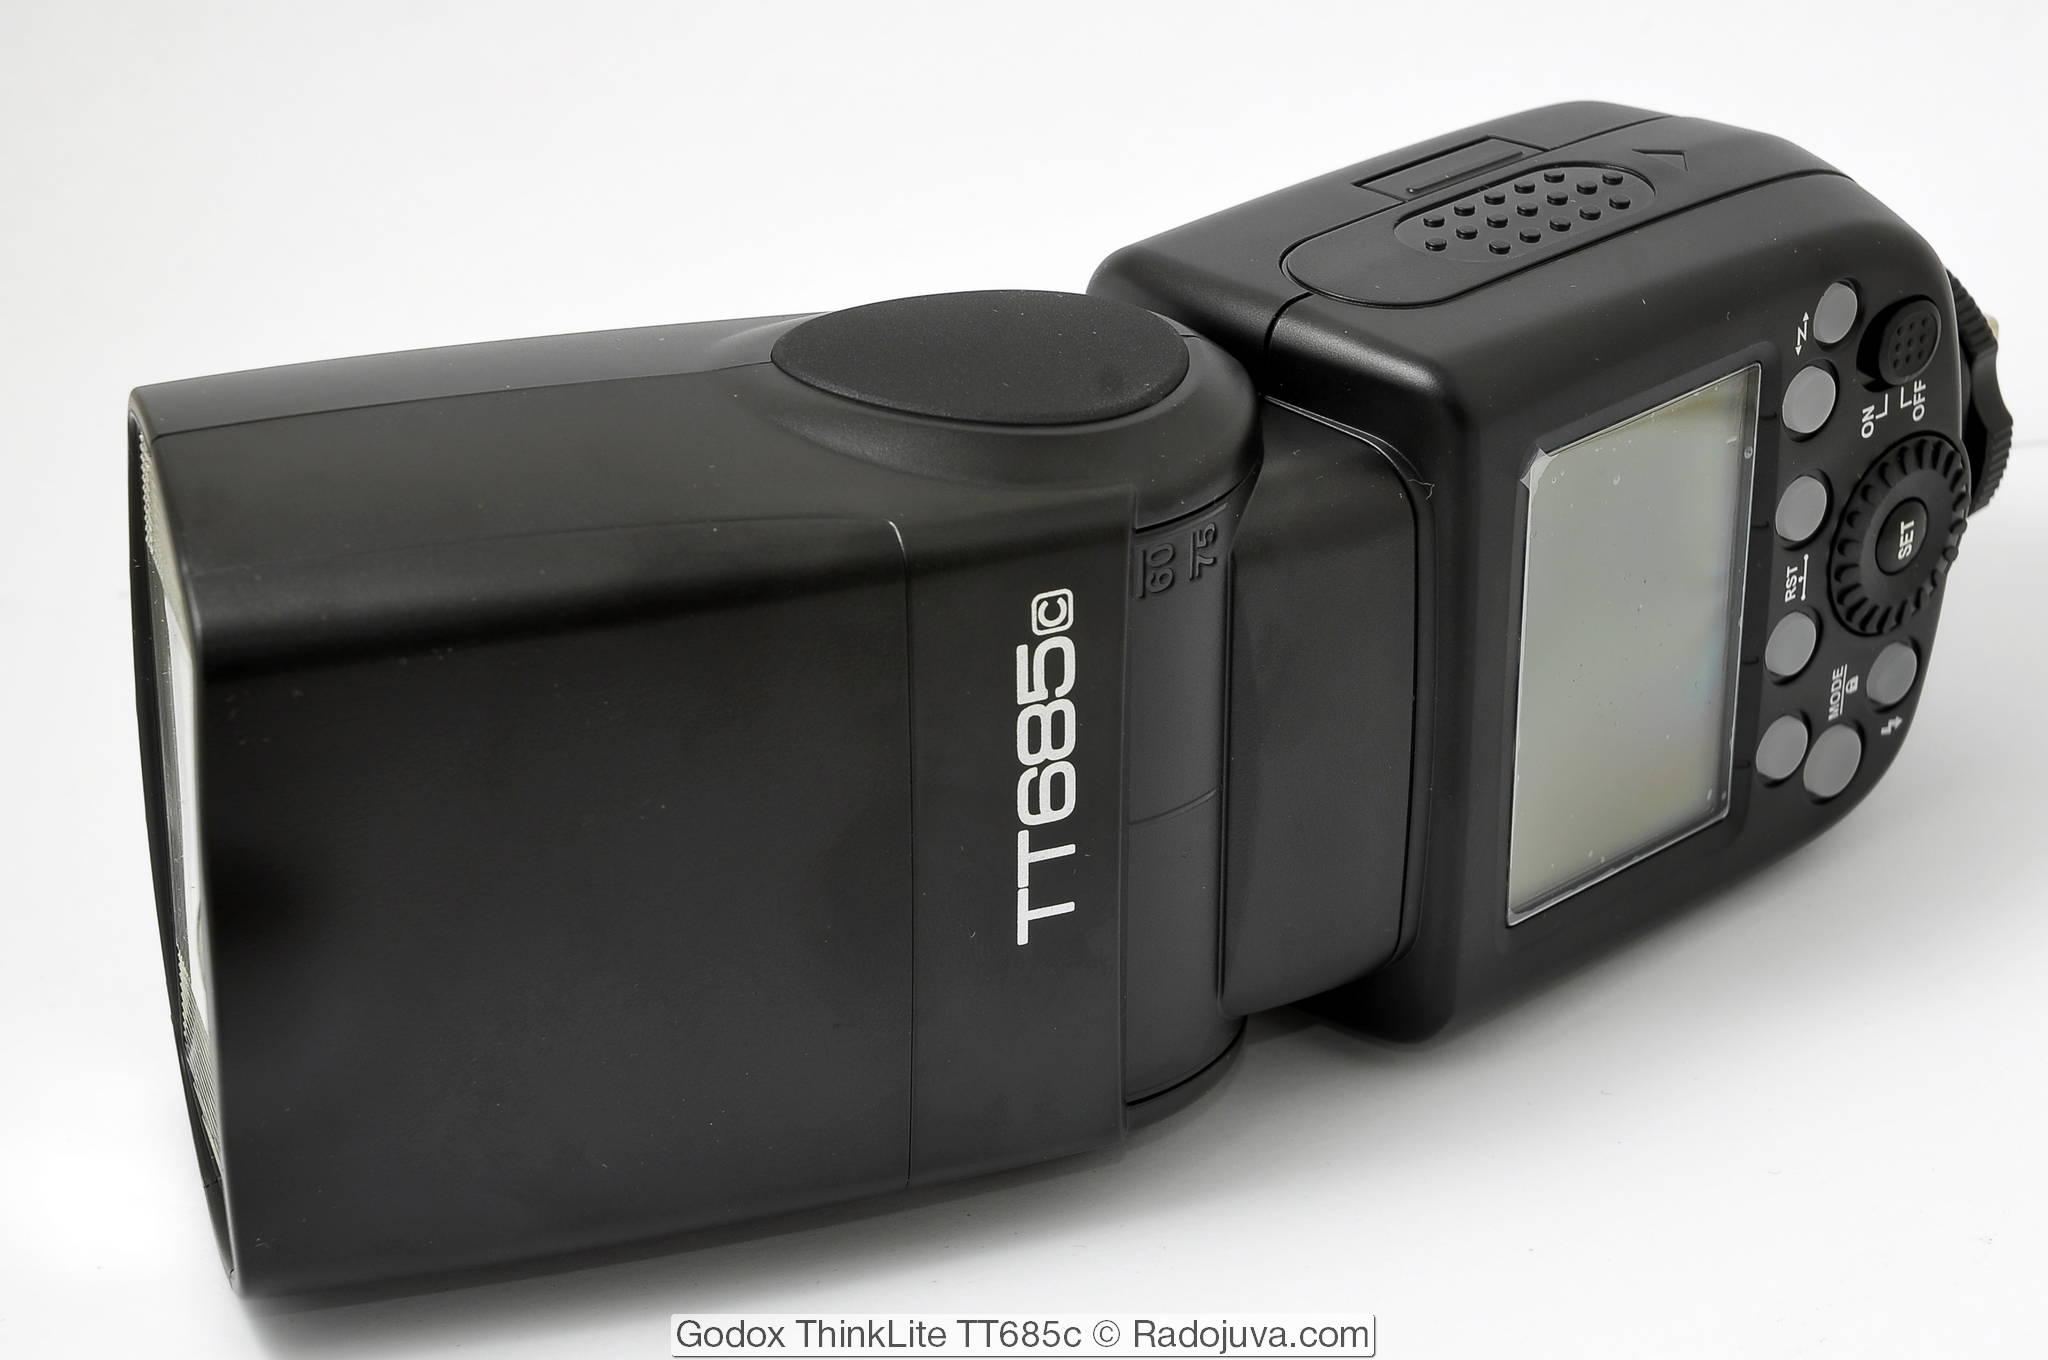 Godox ThinkLite TT685c